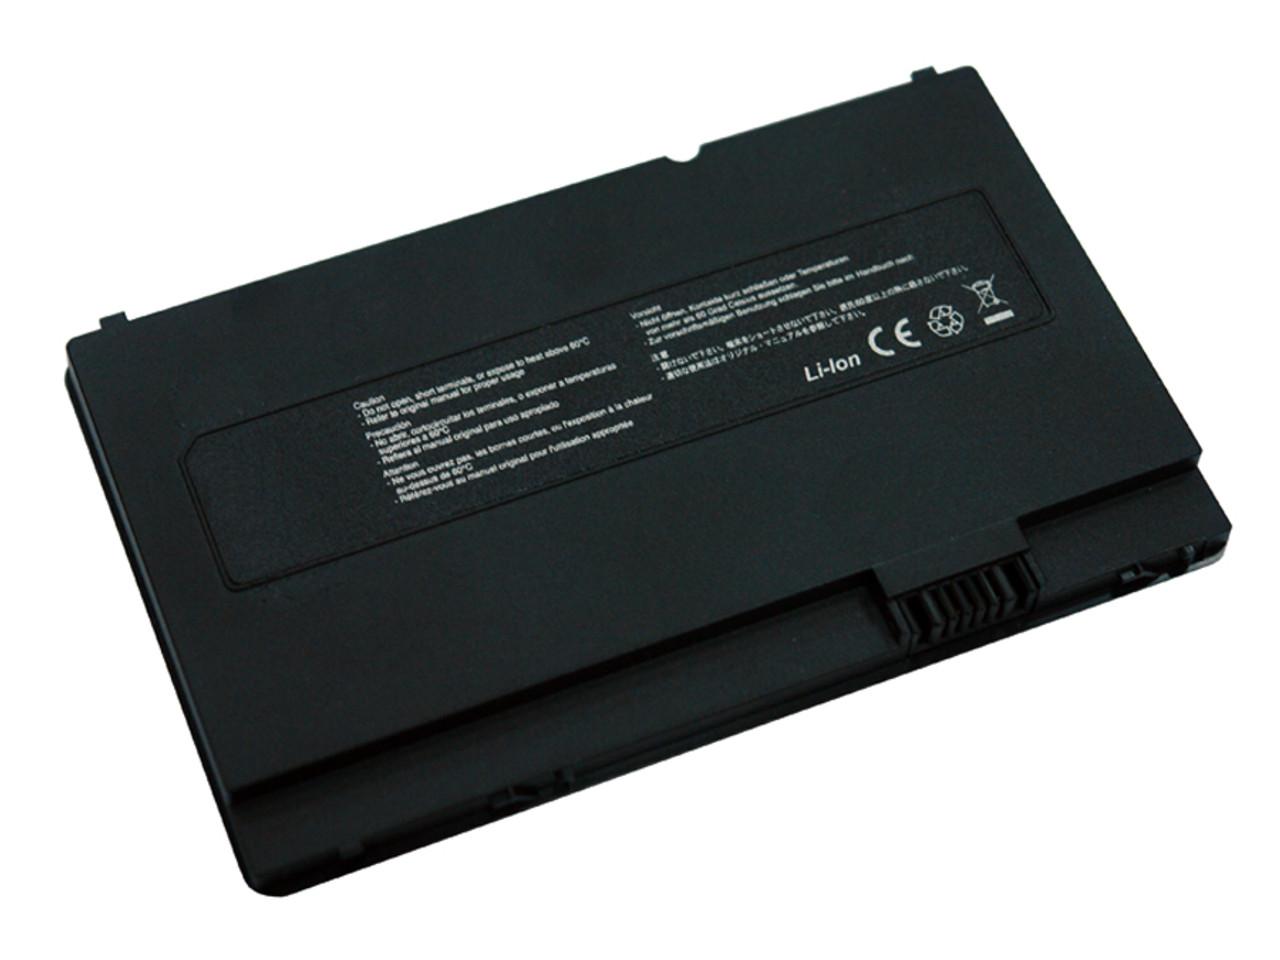 HP Mini 1000 1100; Compaq Mini 700  battery